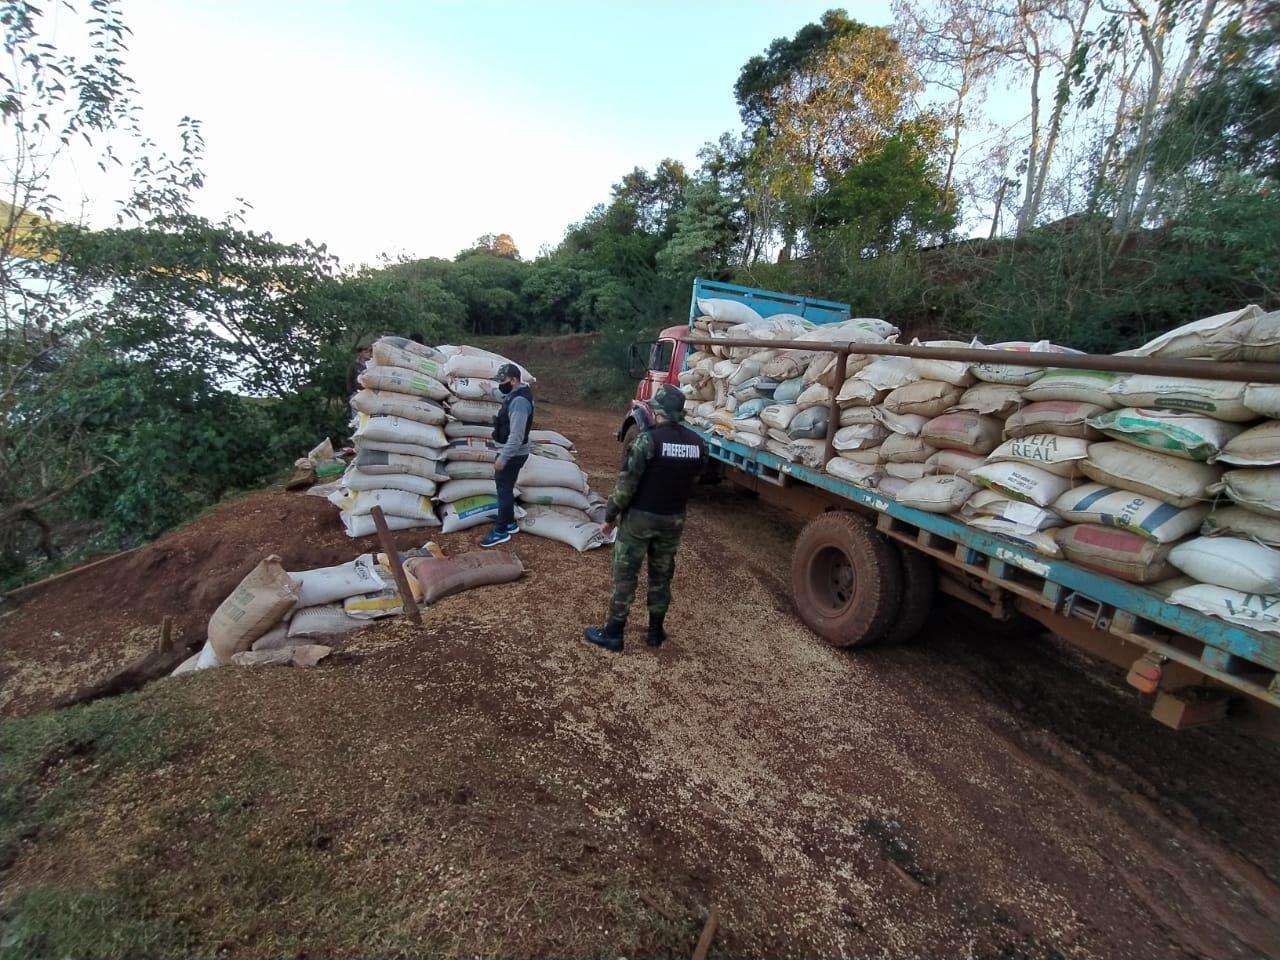 Prefectura secuestró un cargamento de más de 17 toneladas de soja ...